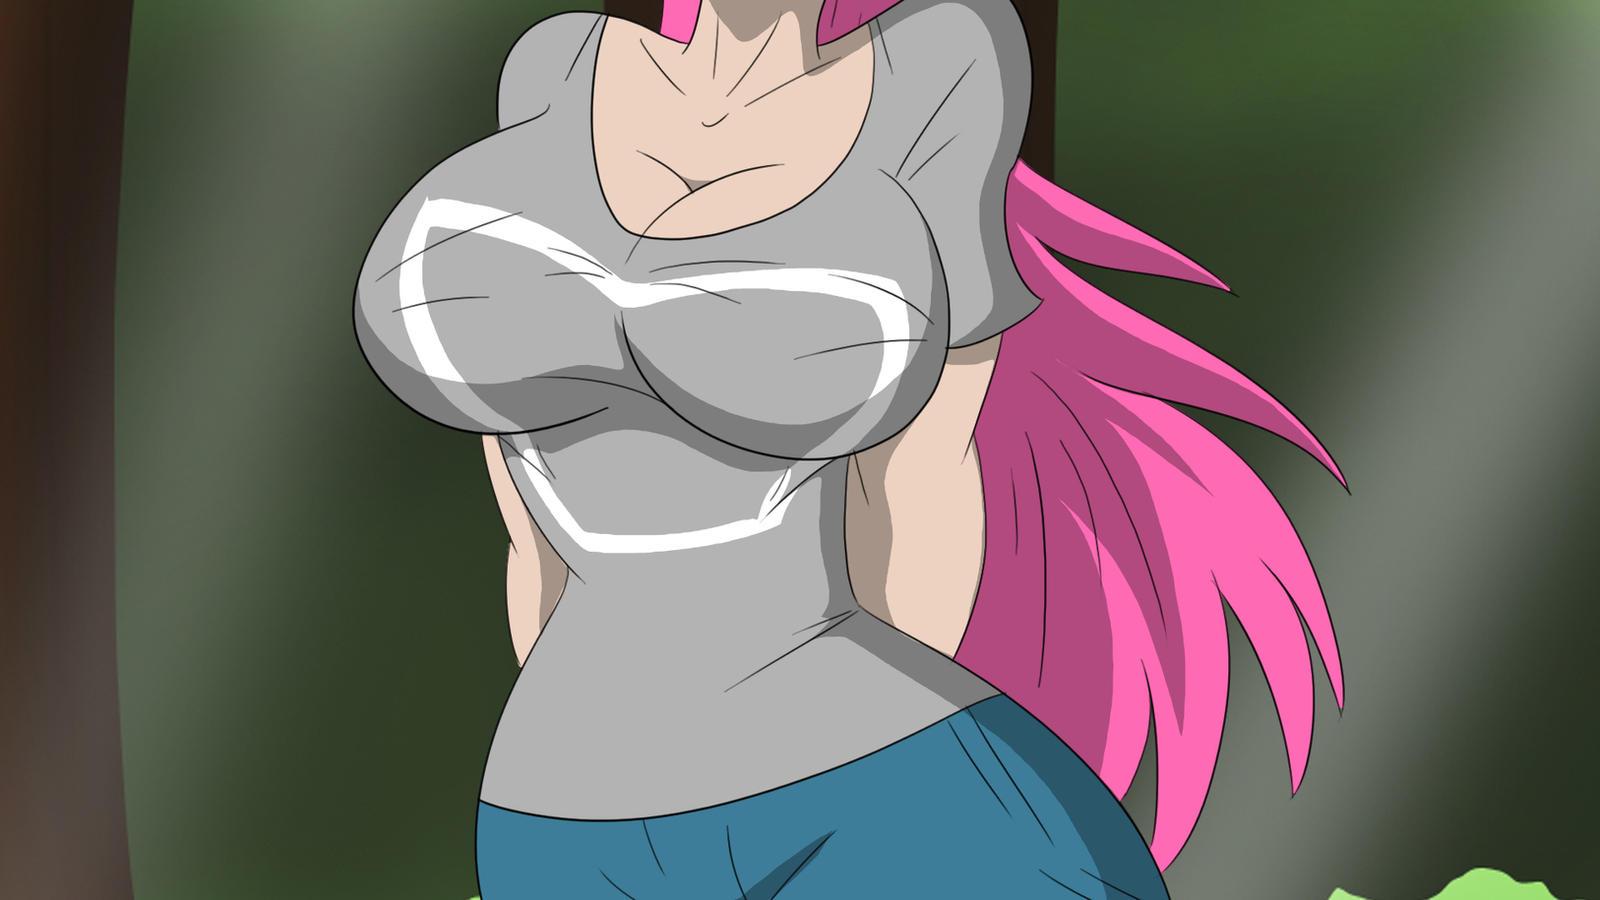 Bikini Girl Tg Tf Animated Comic – Migliori Pagine da Colorare